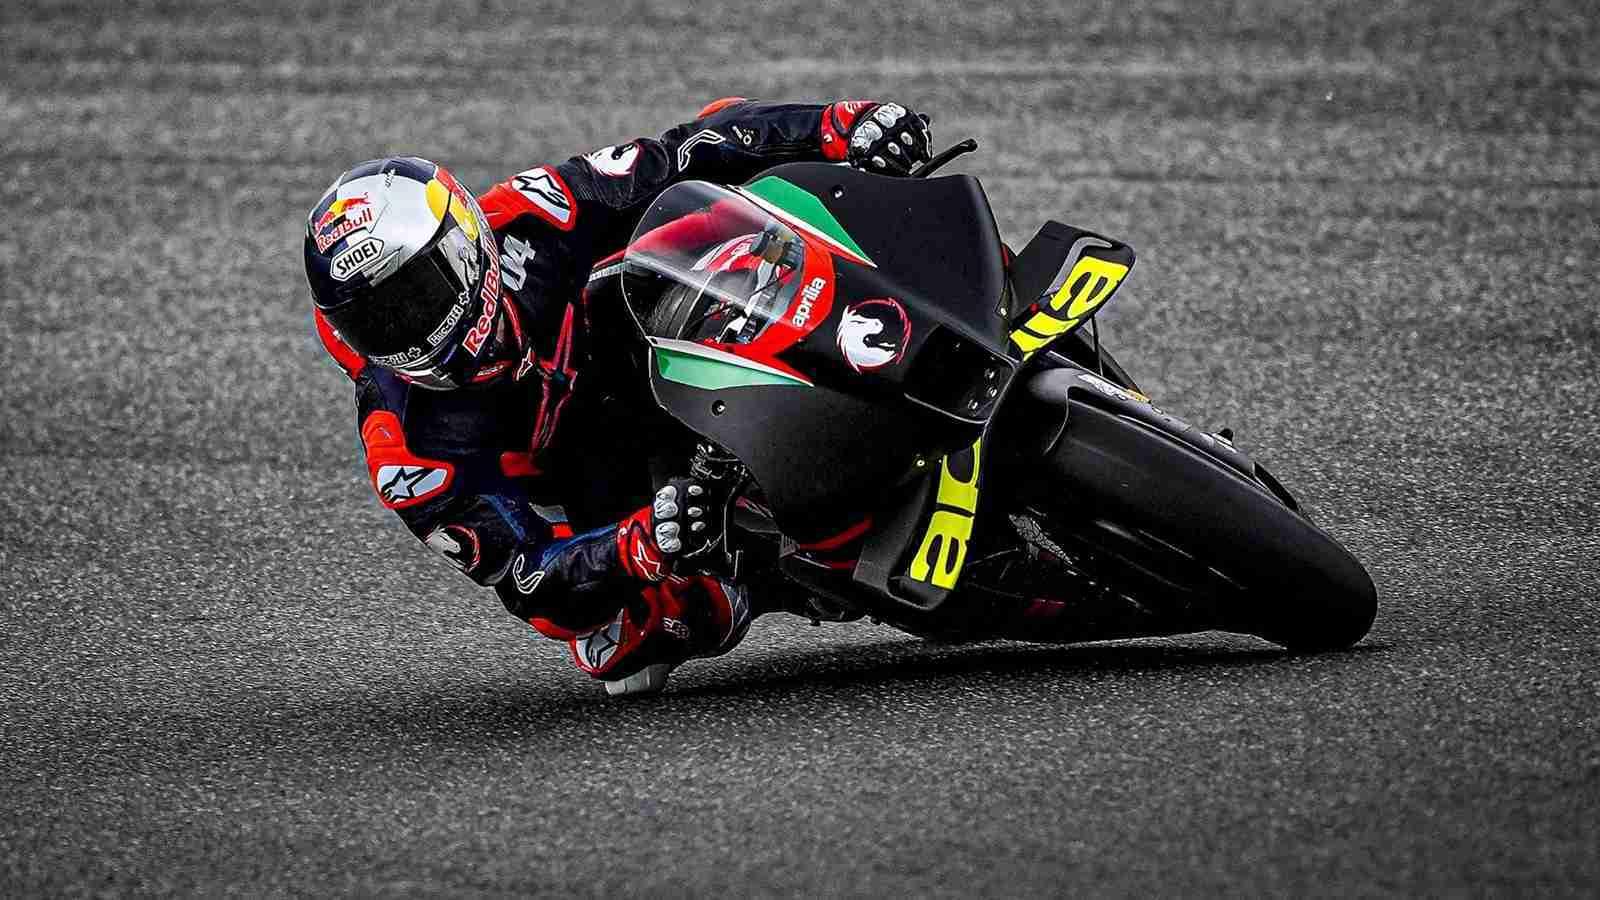 Andrea Dovizioso on Aprilia RS-GP